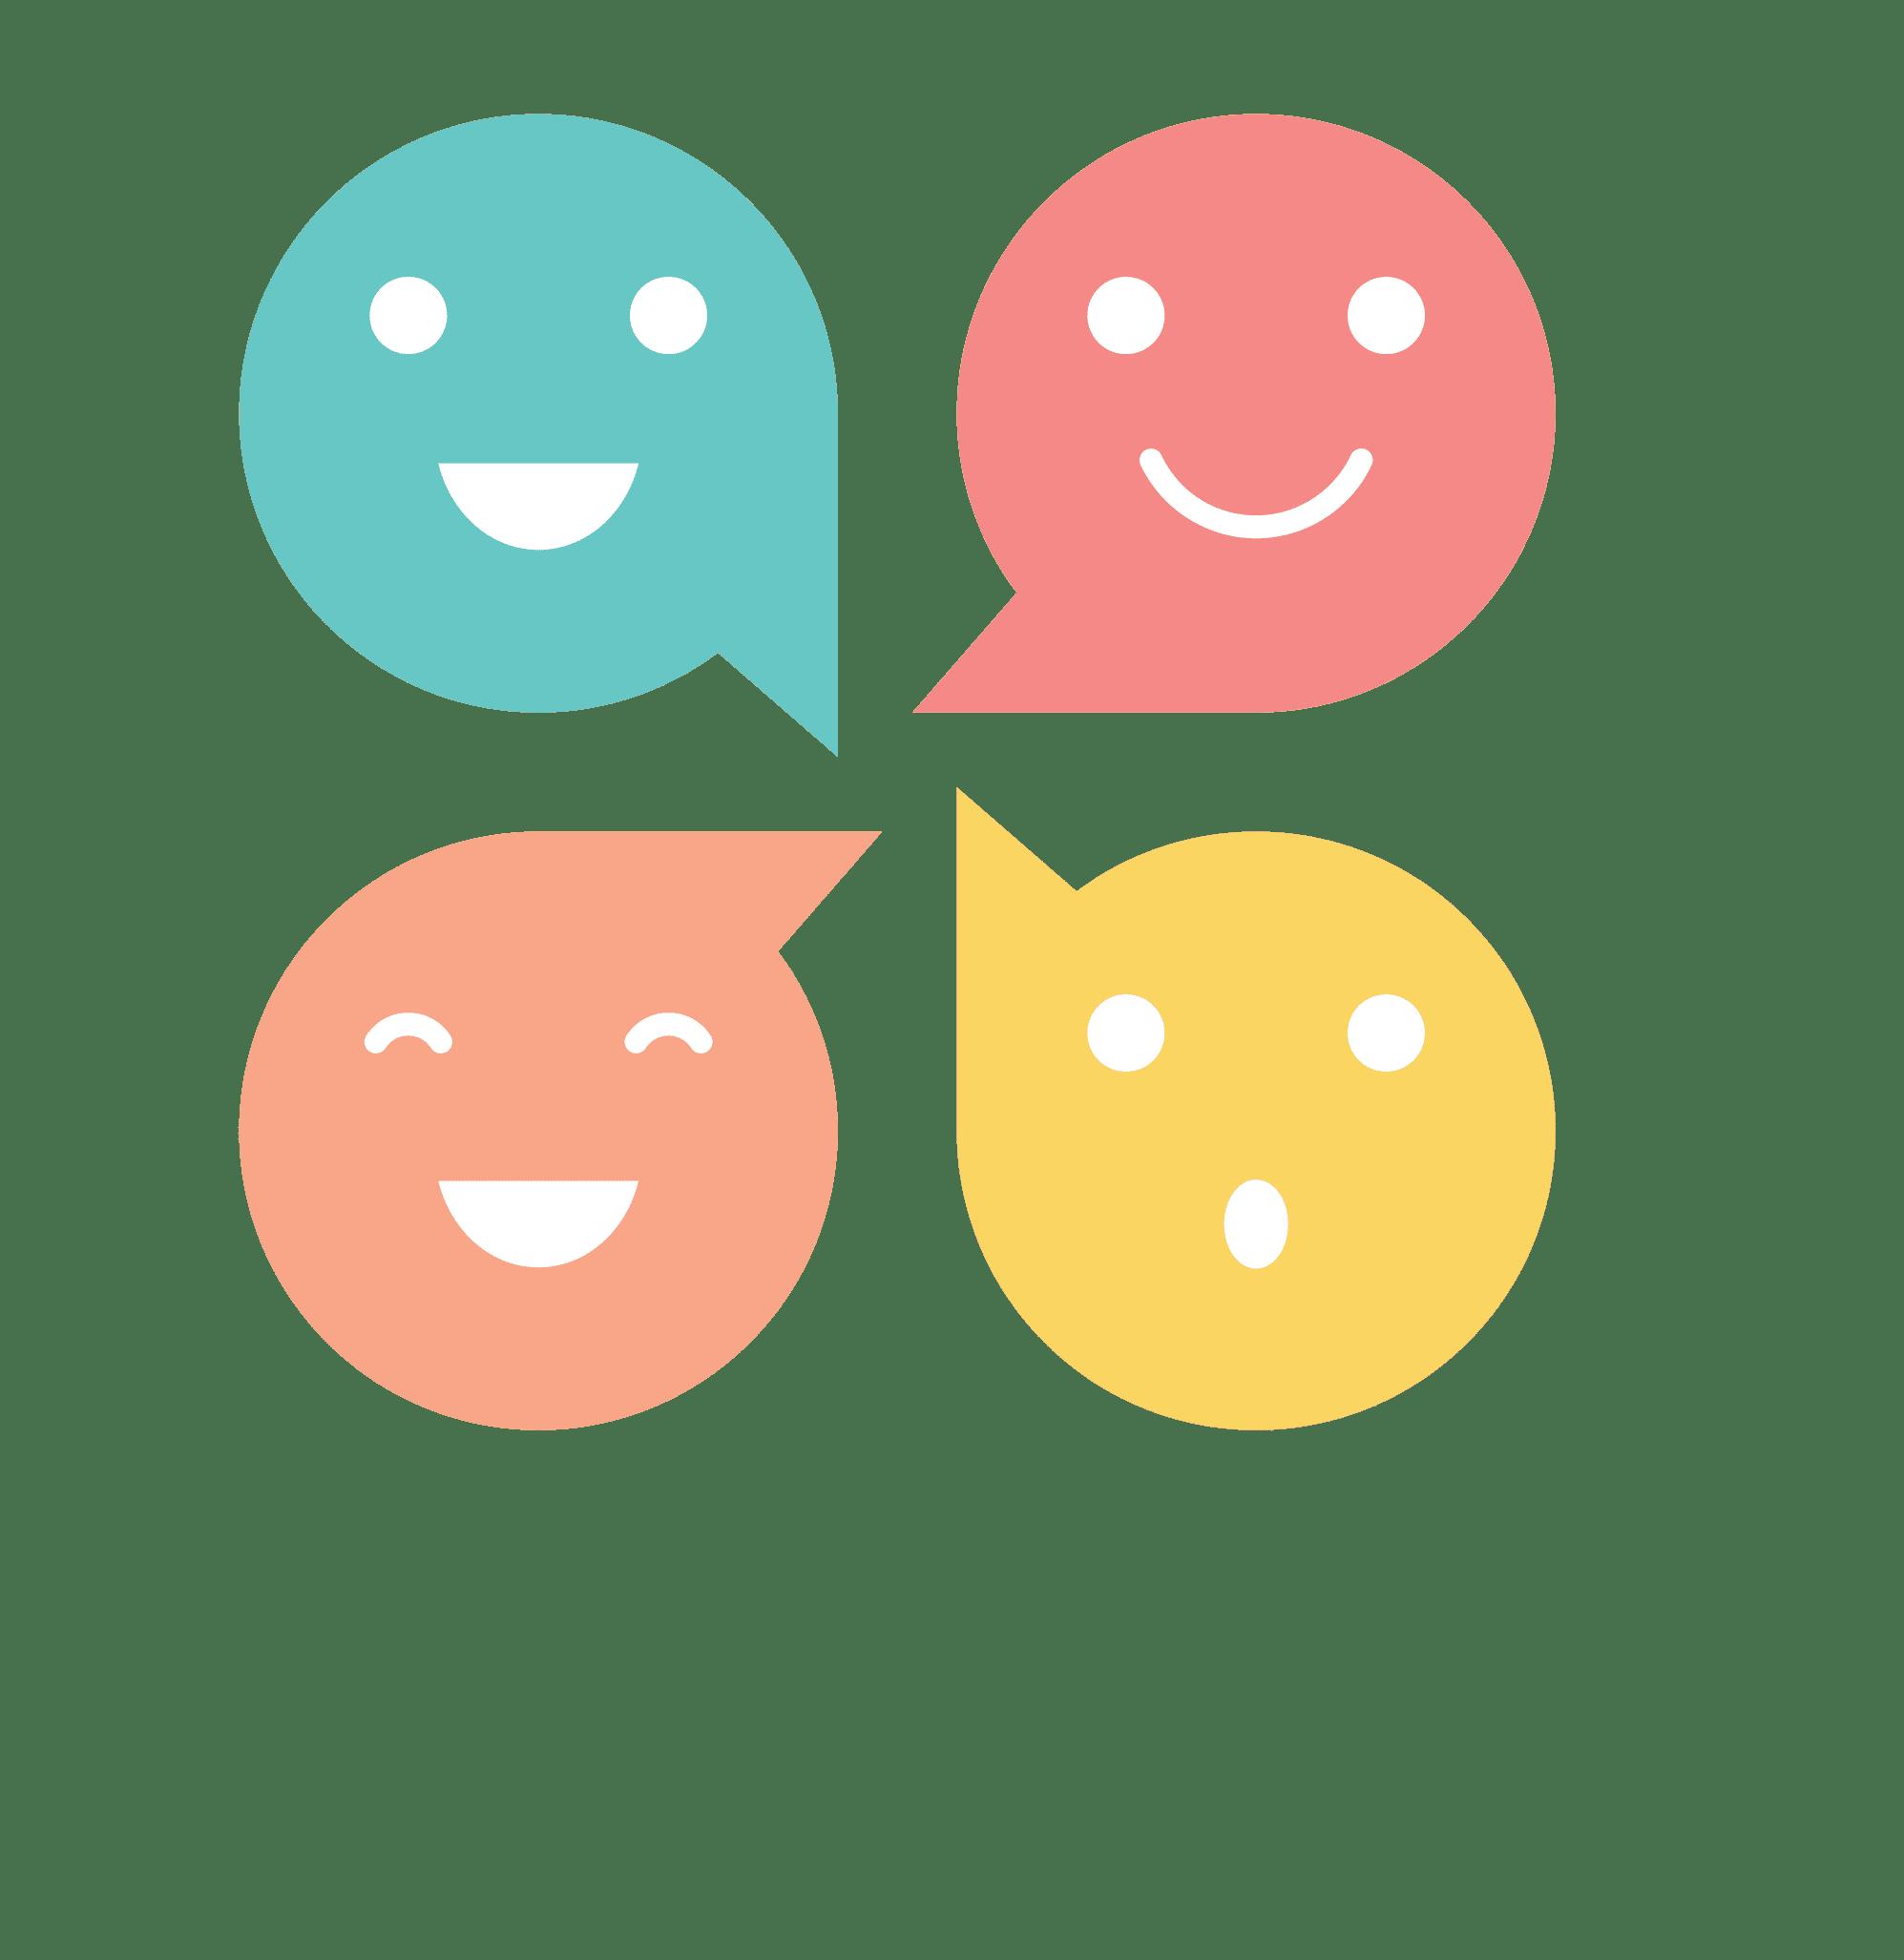 موقع لغتي لعلاج اللغة والنطق